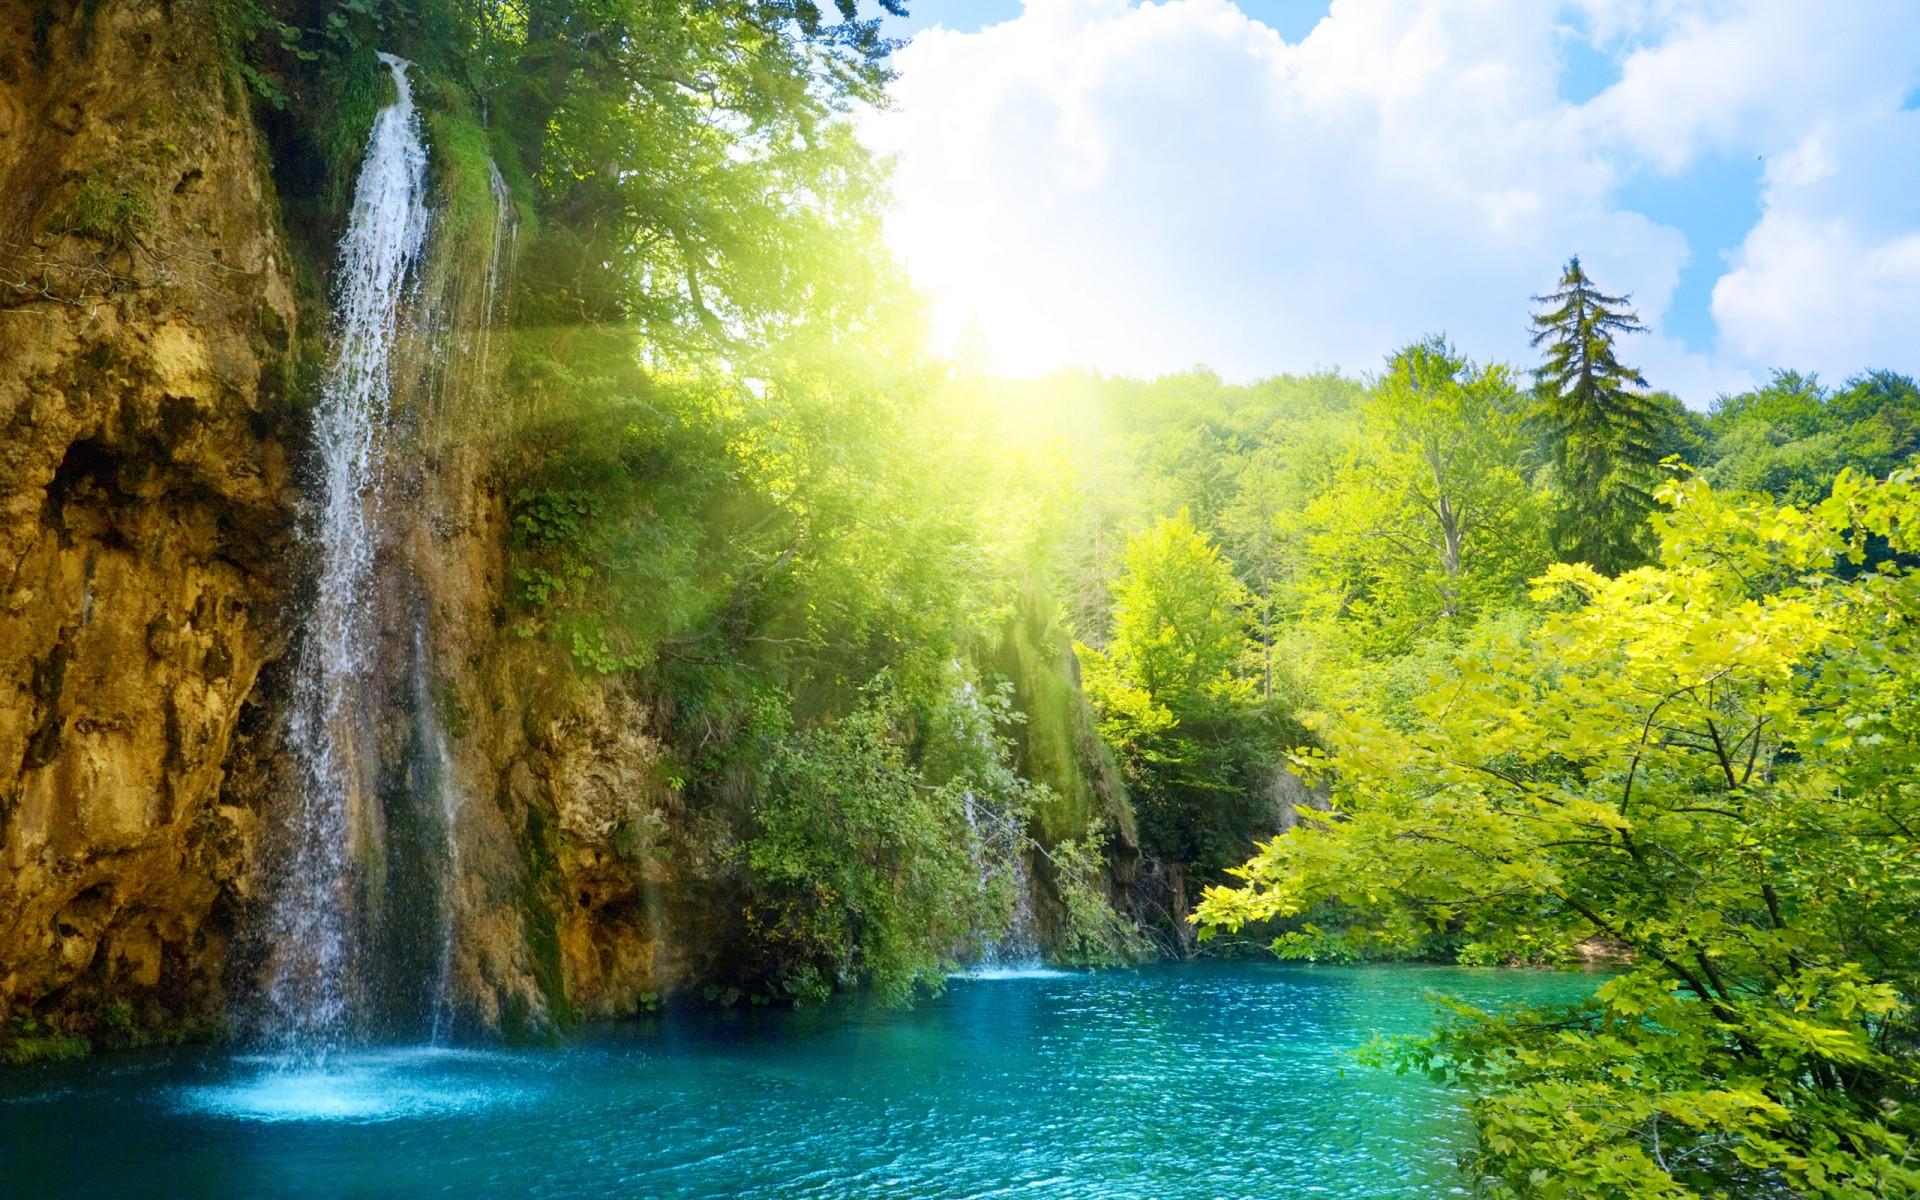 Открытка с пейзажем природы, картинки именем нина